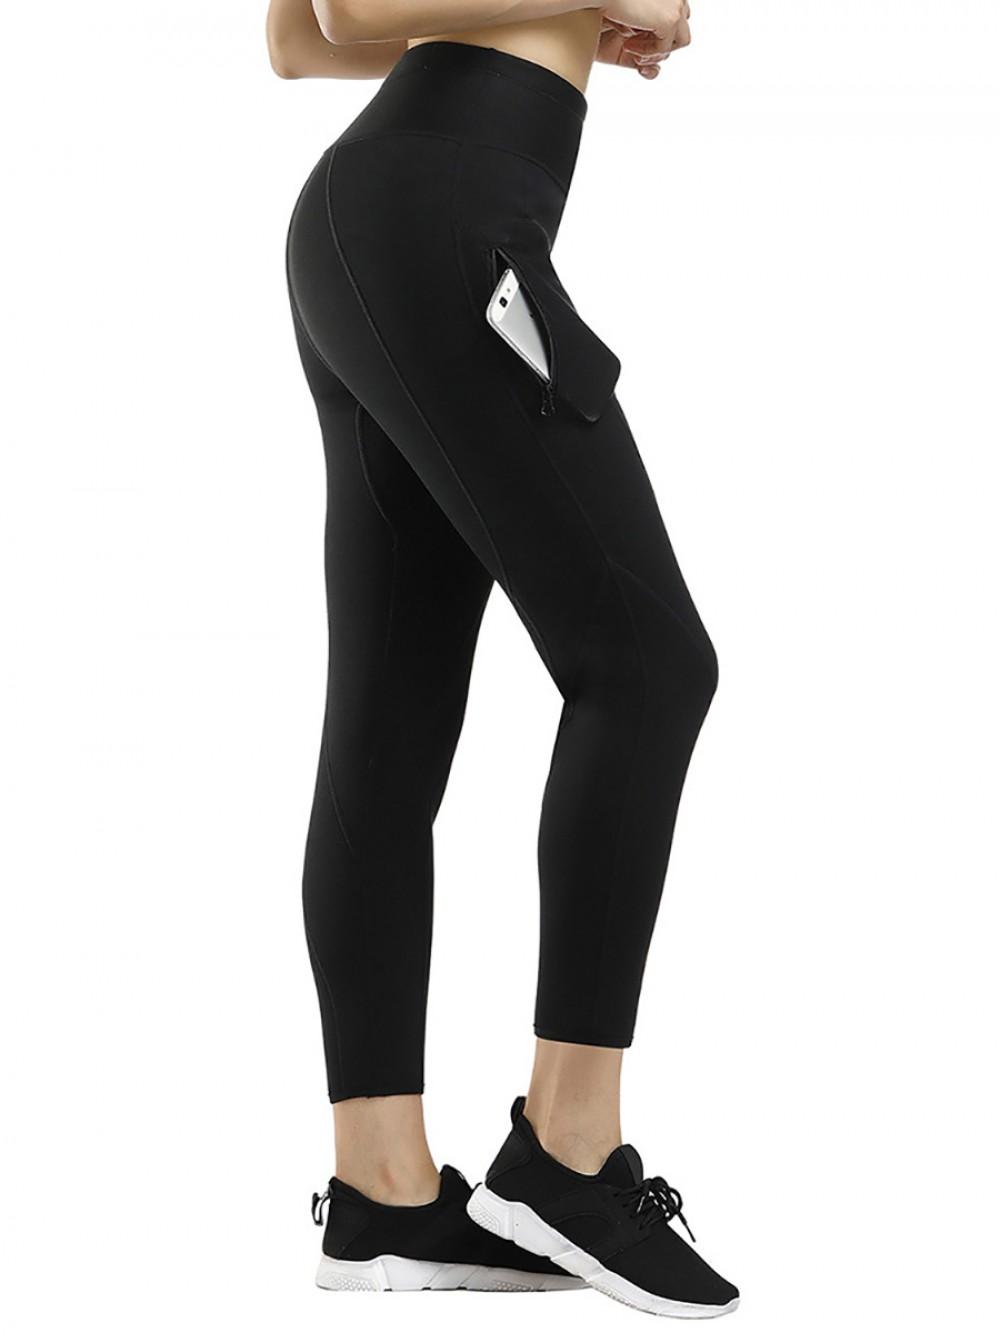 Compression Black Mesh Patchwork Pocket Neoprene Shaper Pants